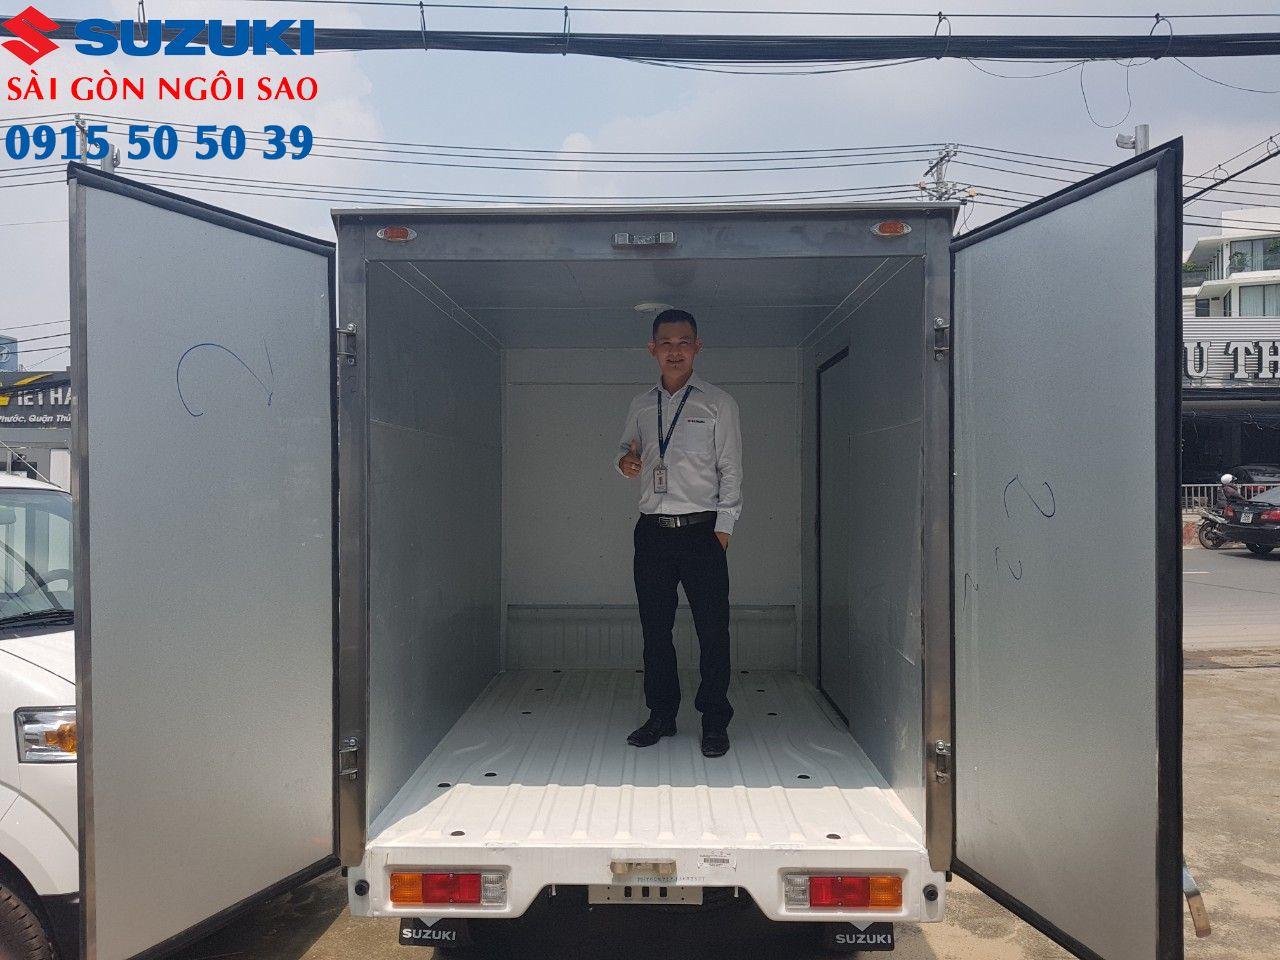 xe tải suzuki 750kg thùng kín cửa hông (20)_result